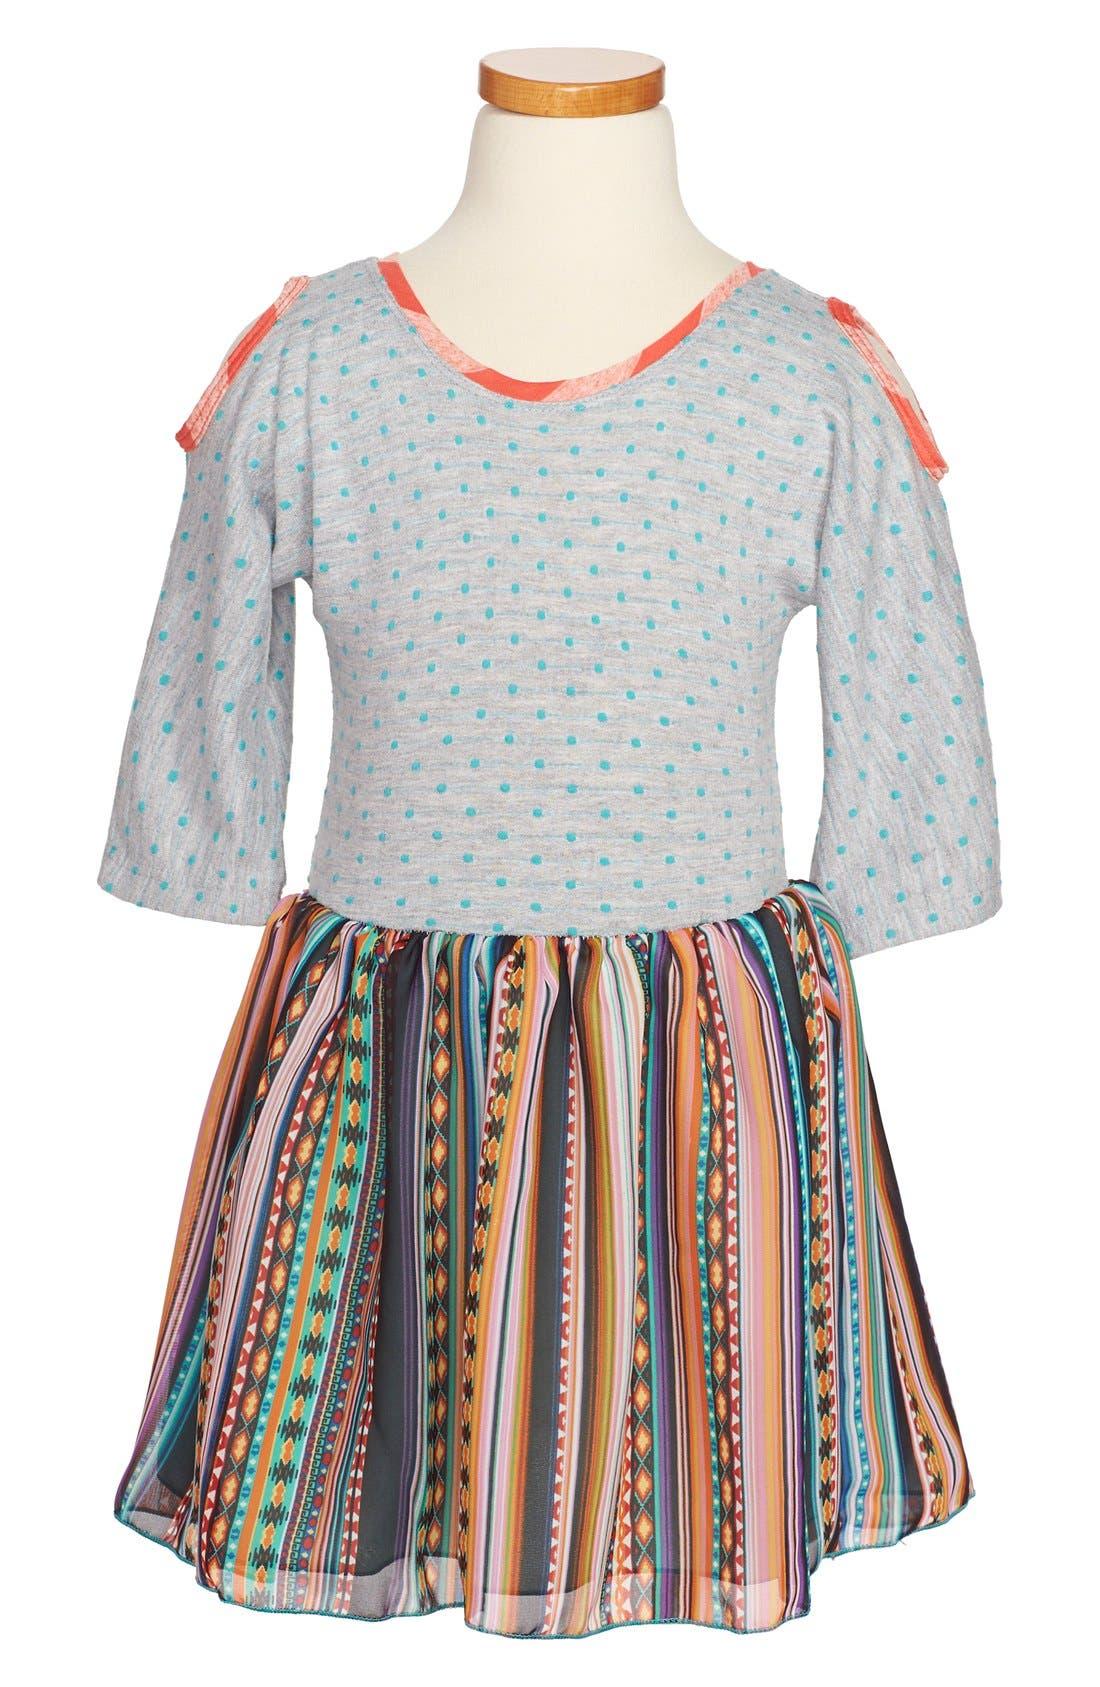 Main Image - Twirls & Twigs Knit-to-Woven Mixed Print Dress (Little Girls & Big Girls)